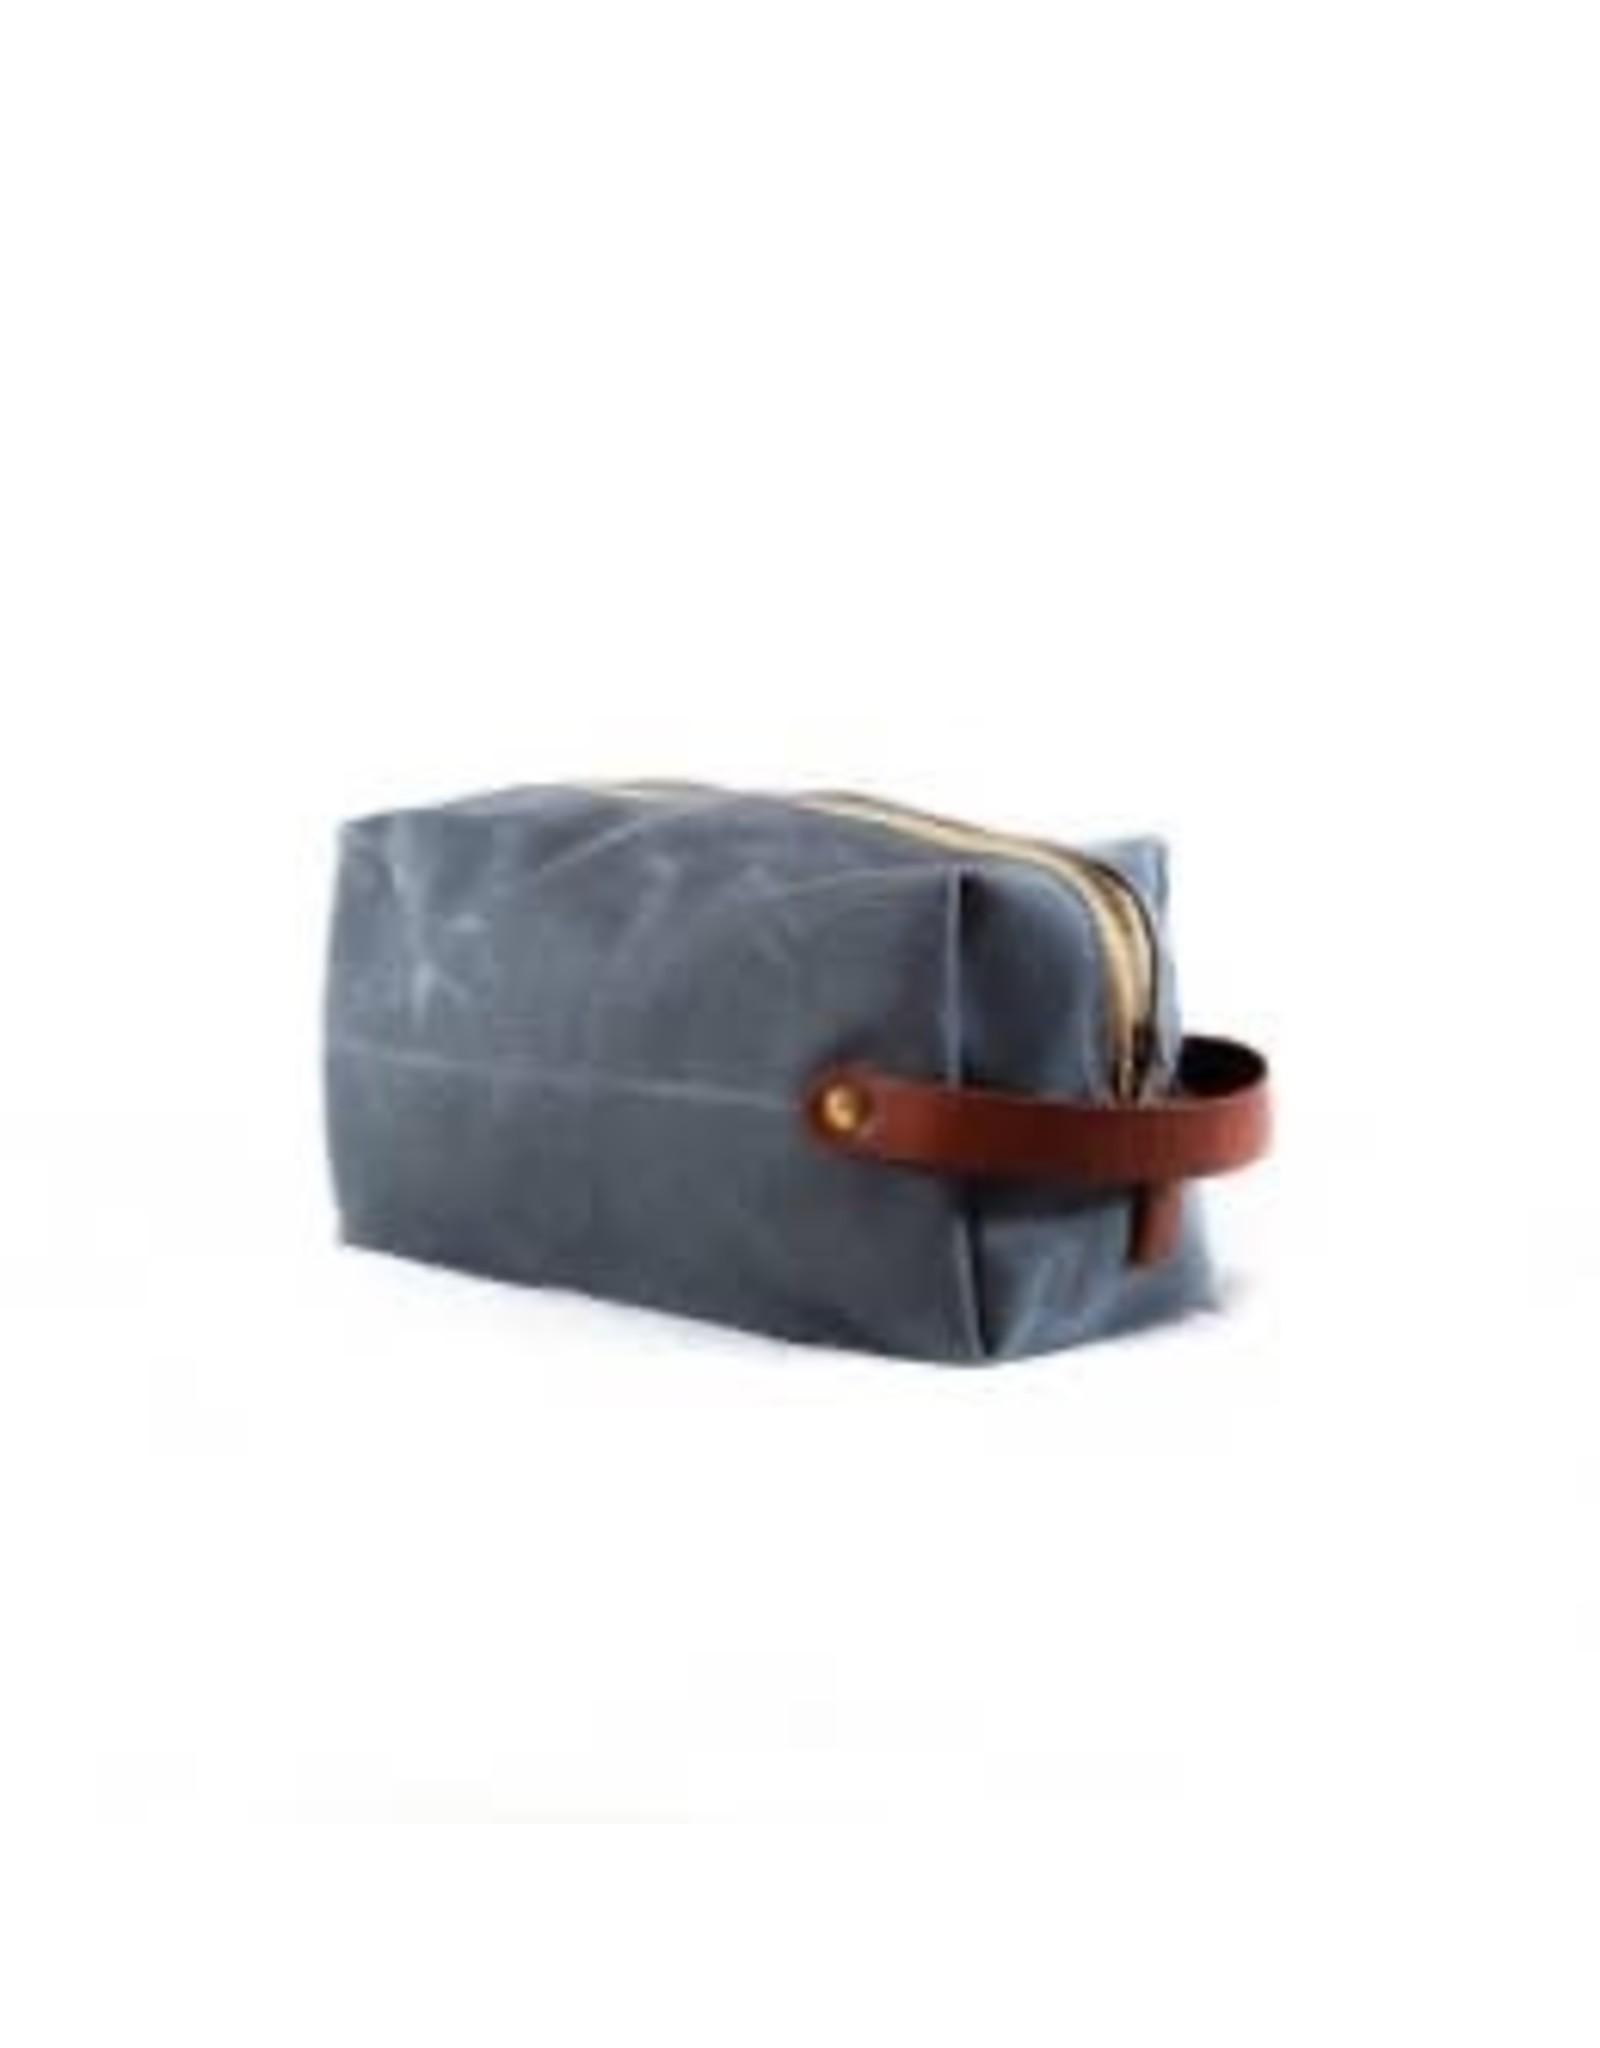 Lineage Dopp Kit w/Brass Zipper - Charcoal